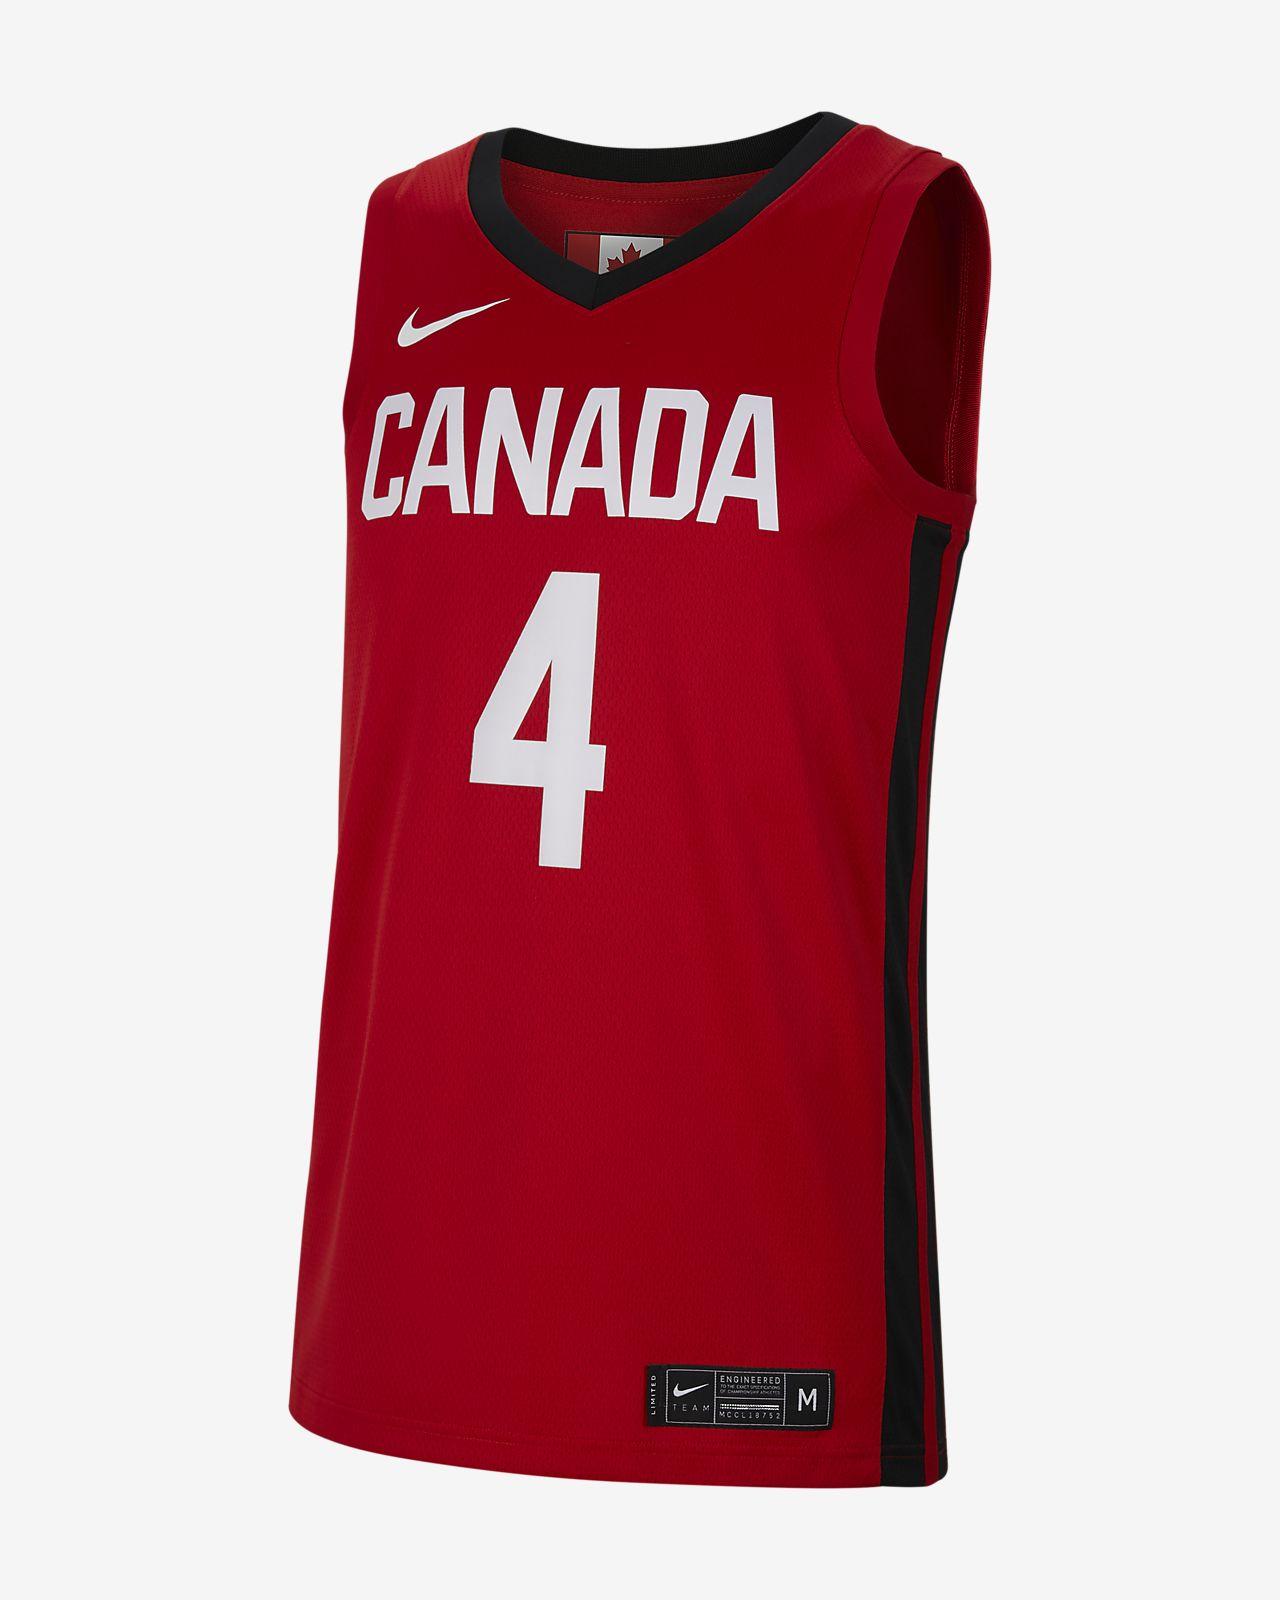 Camisola de basquetebol Canada Nike (Road) para homem